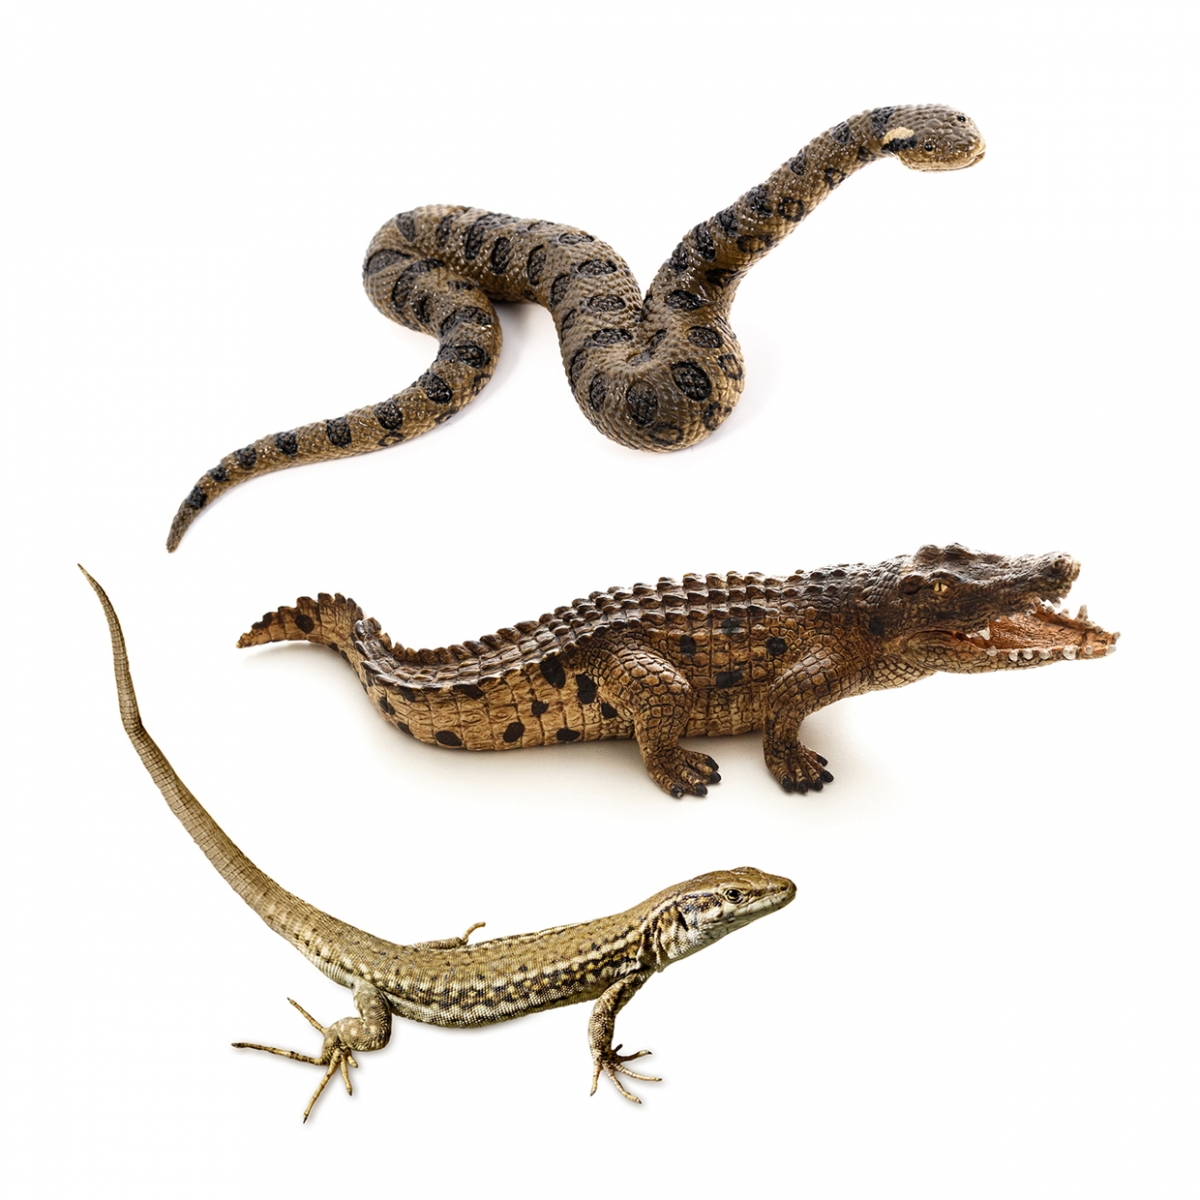 Imagen en la que se ve el concepto genérico de reptiles